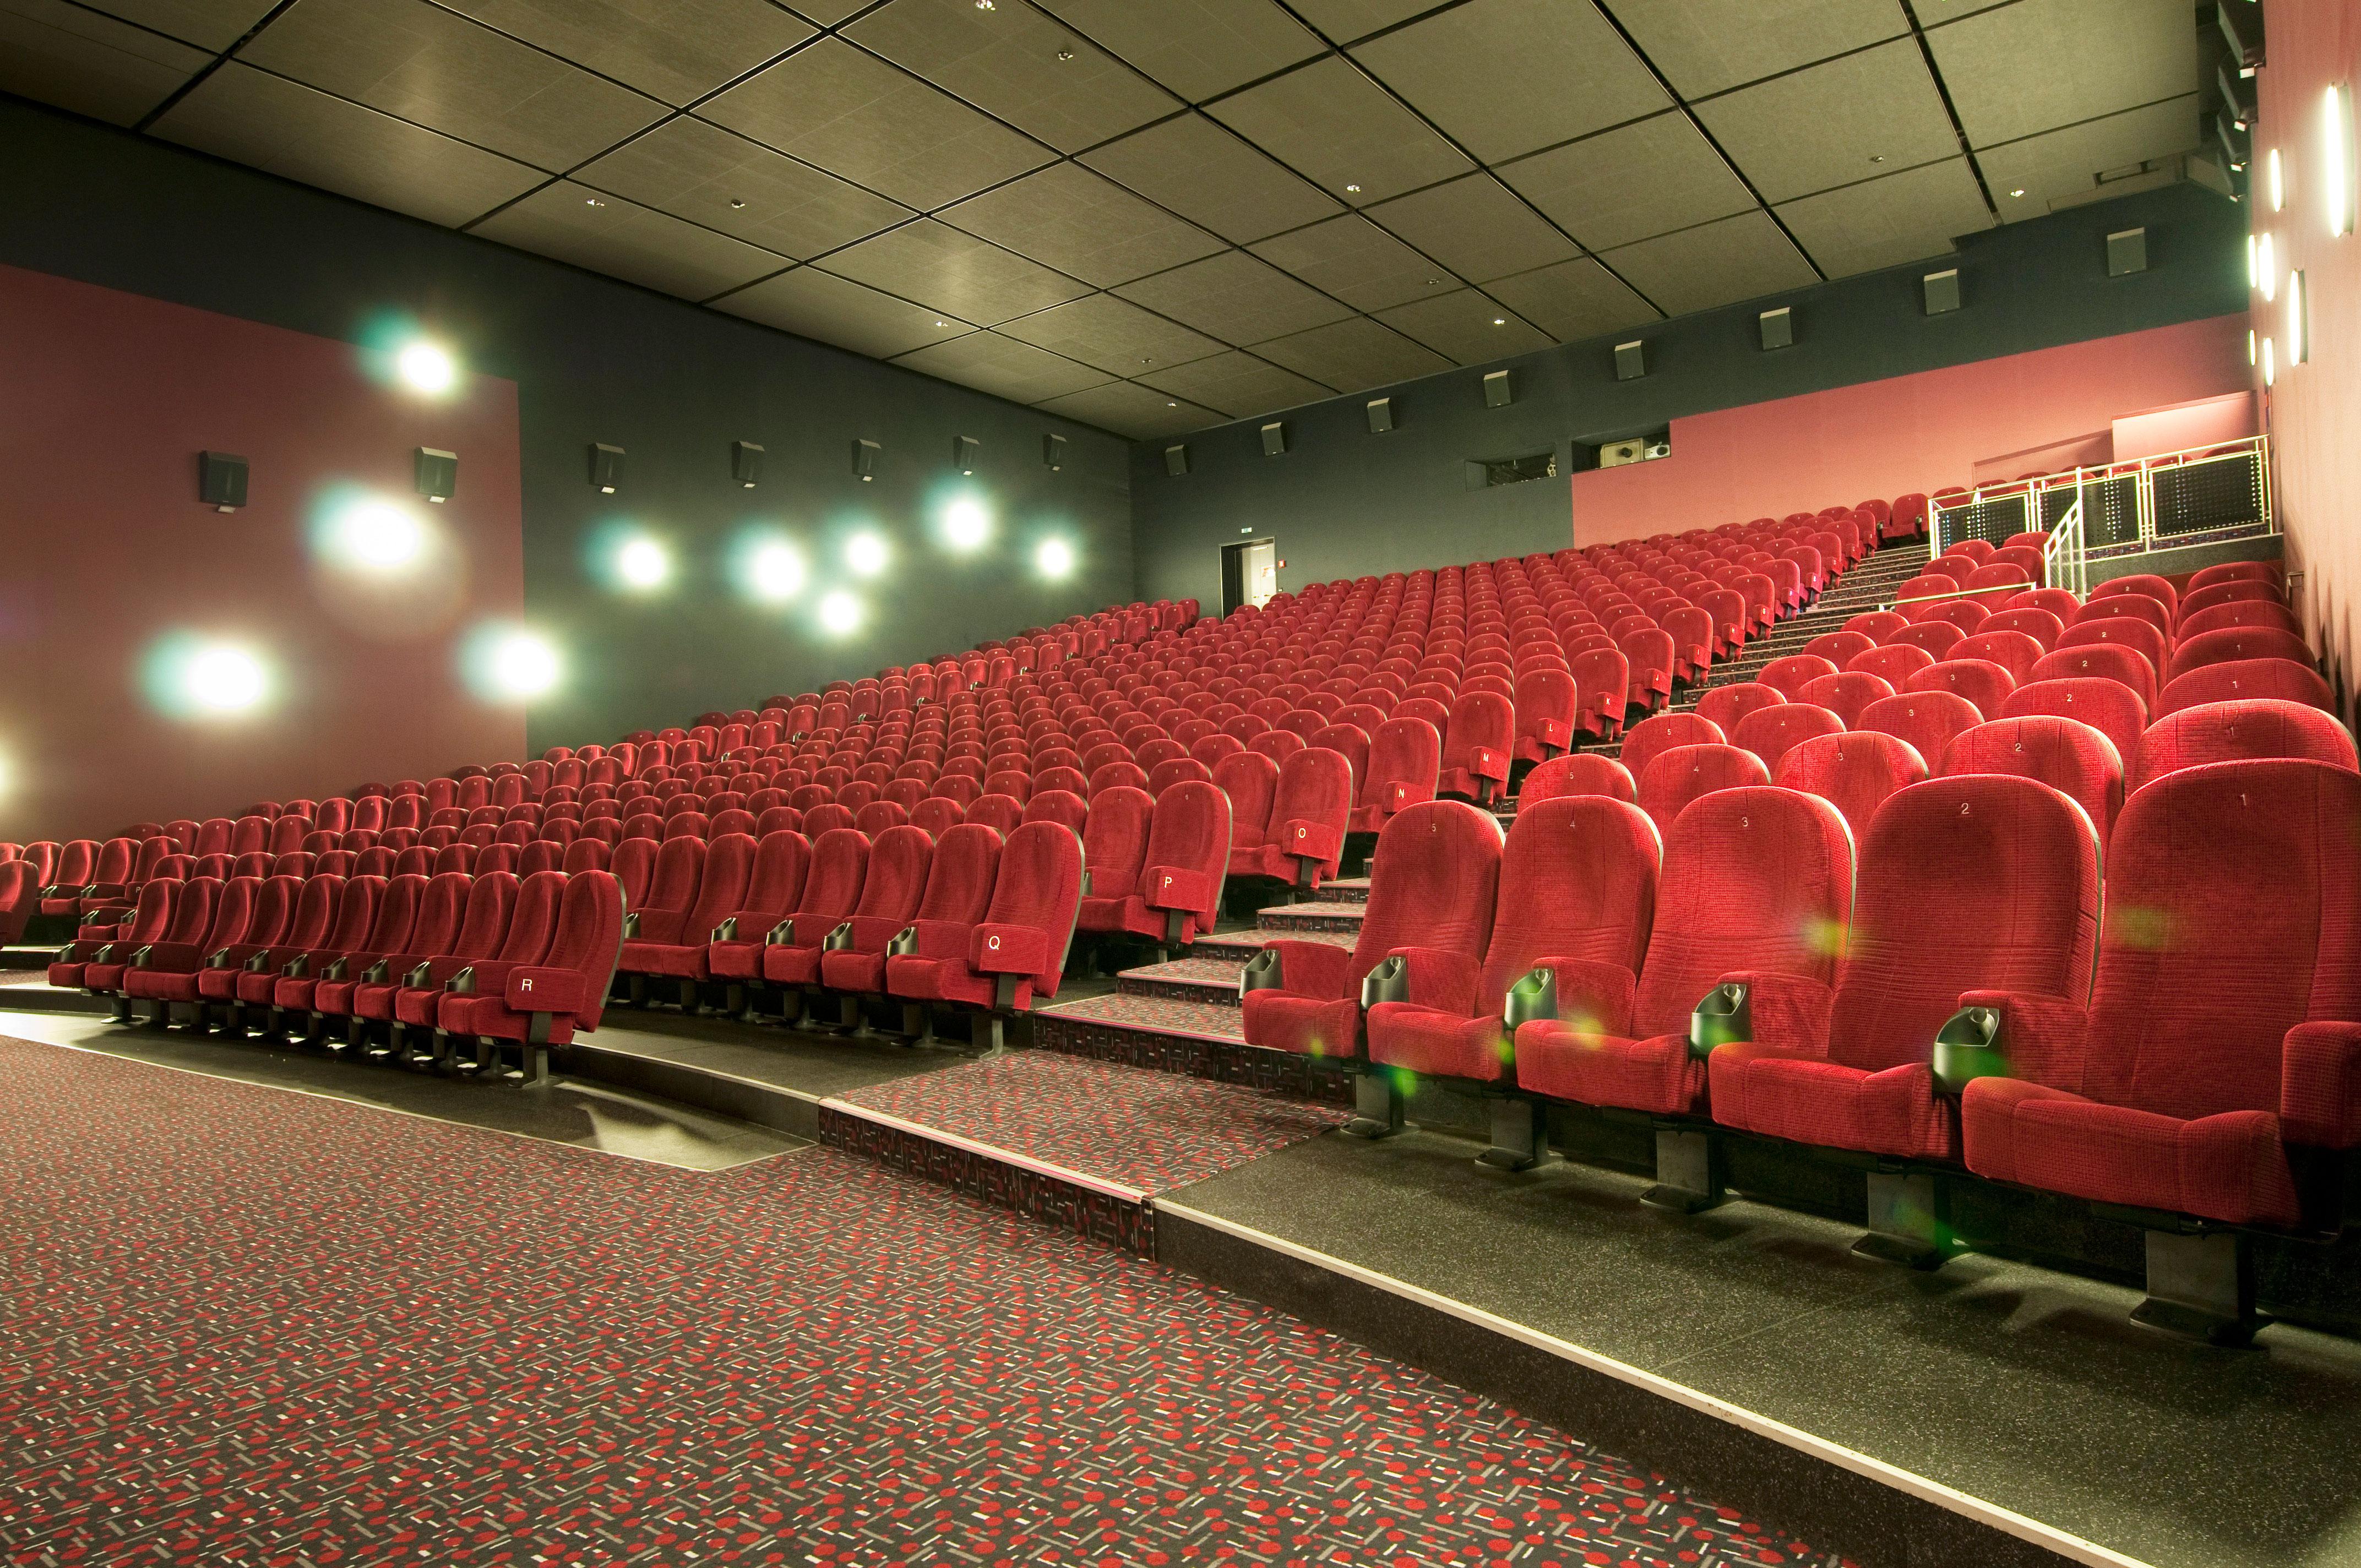 Bild eines großen Kinosaals